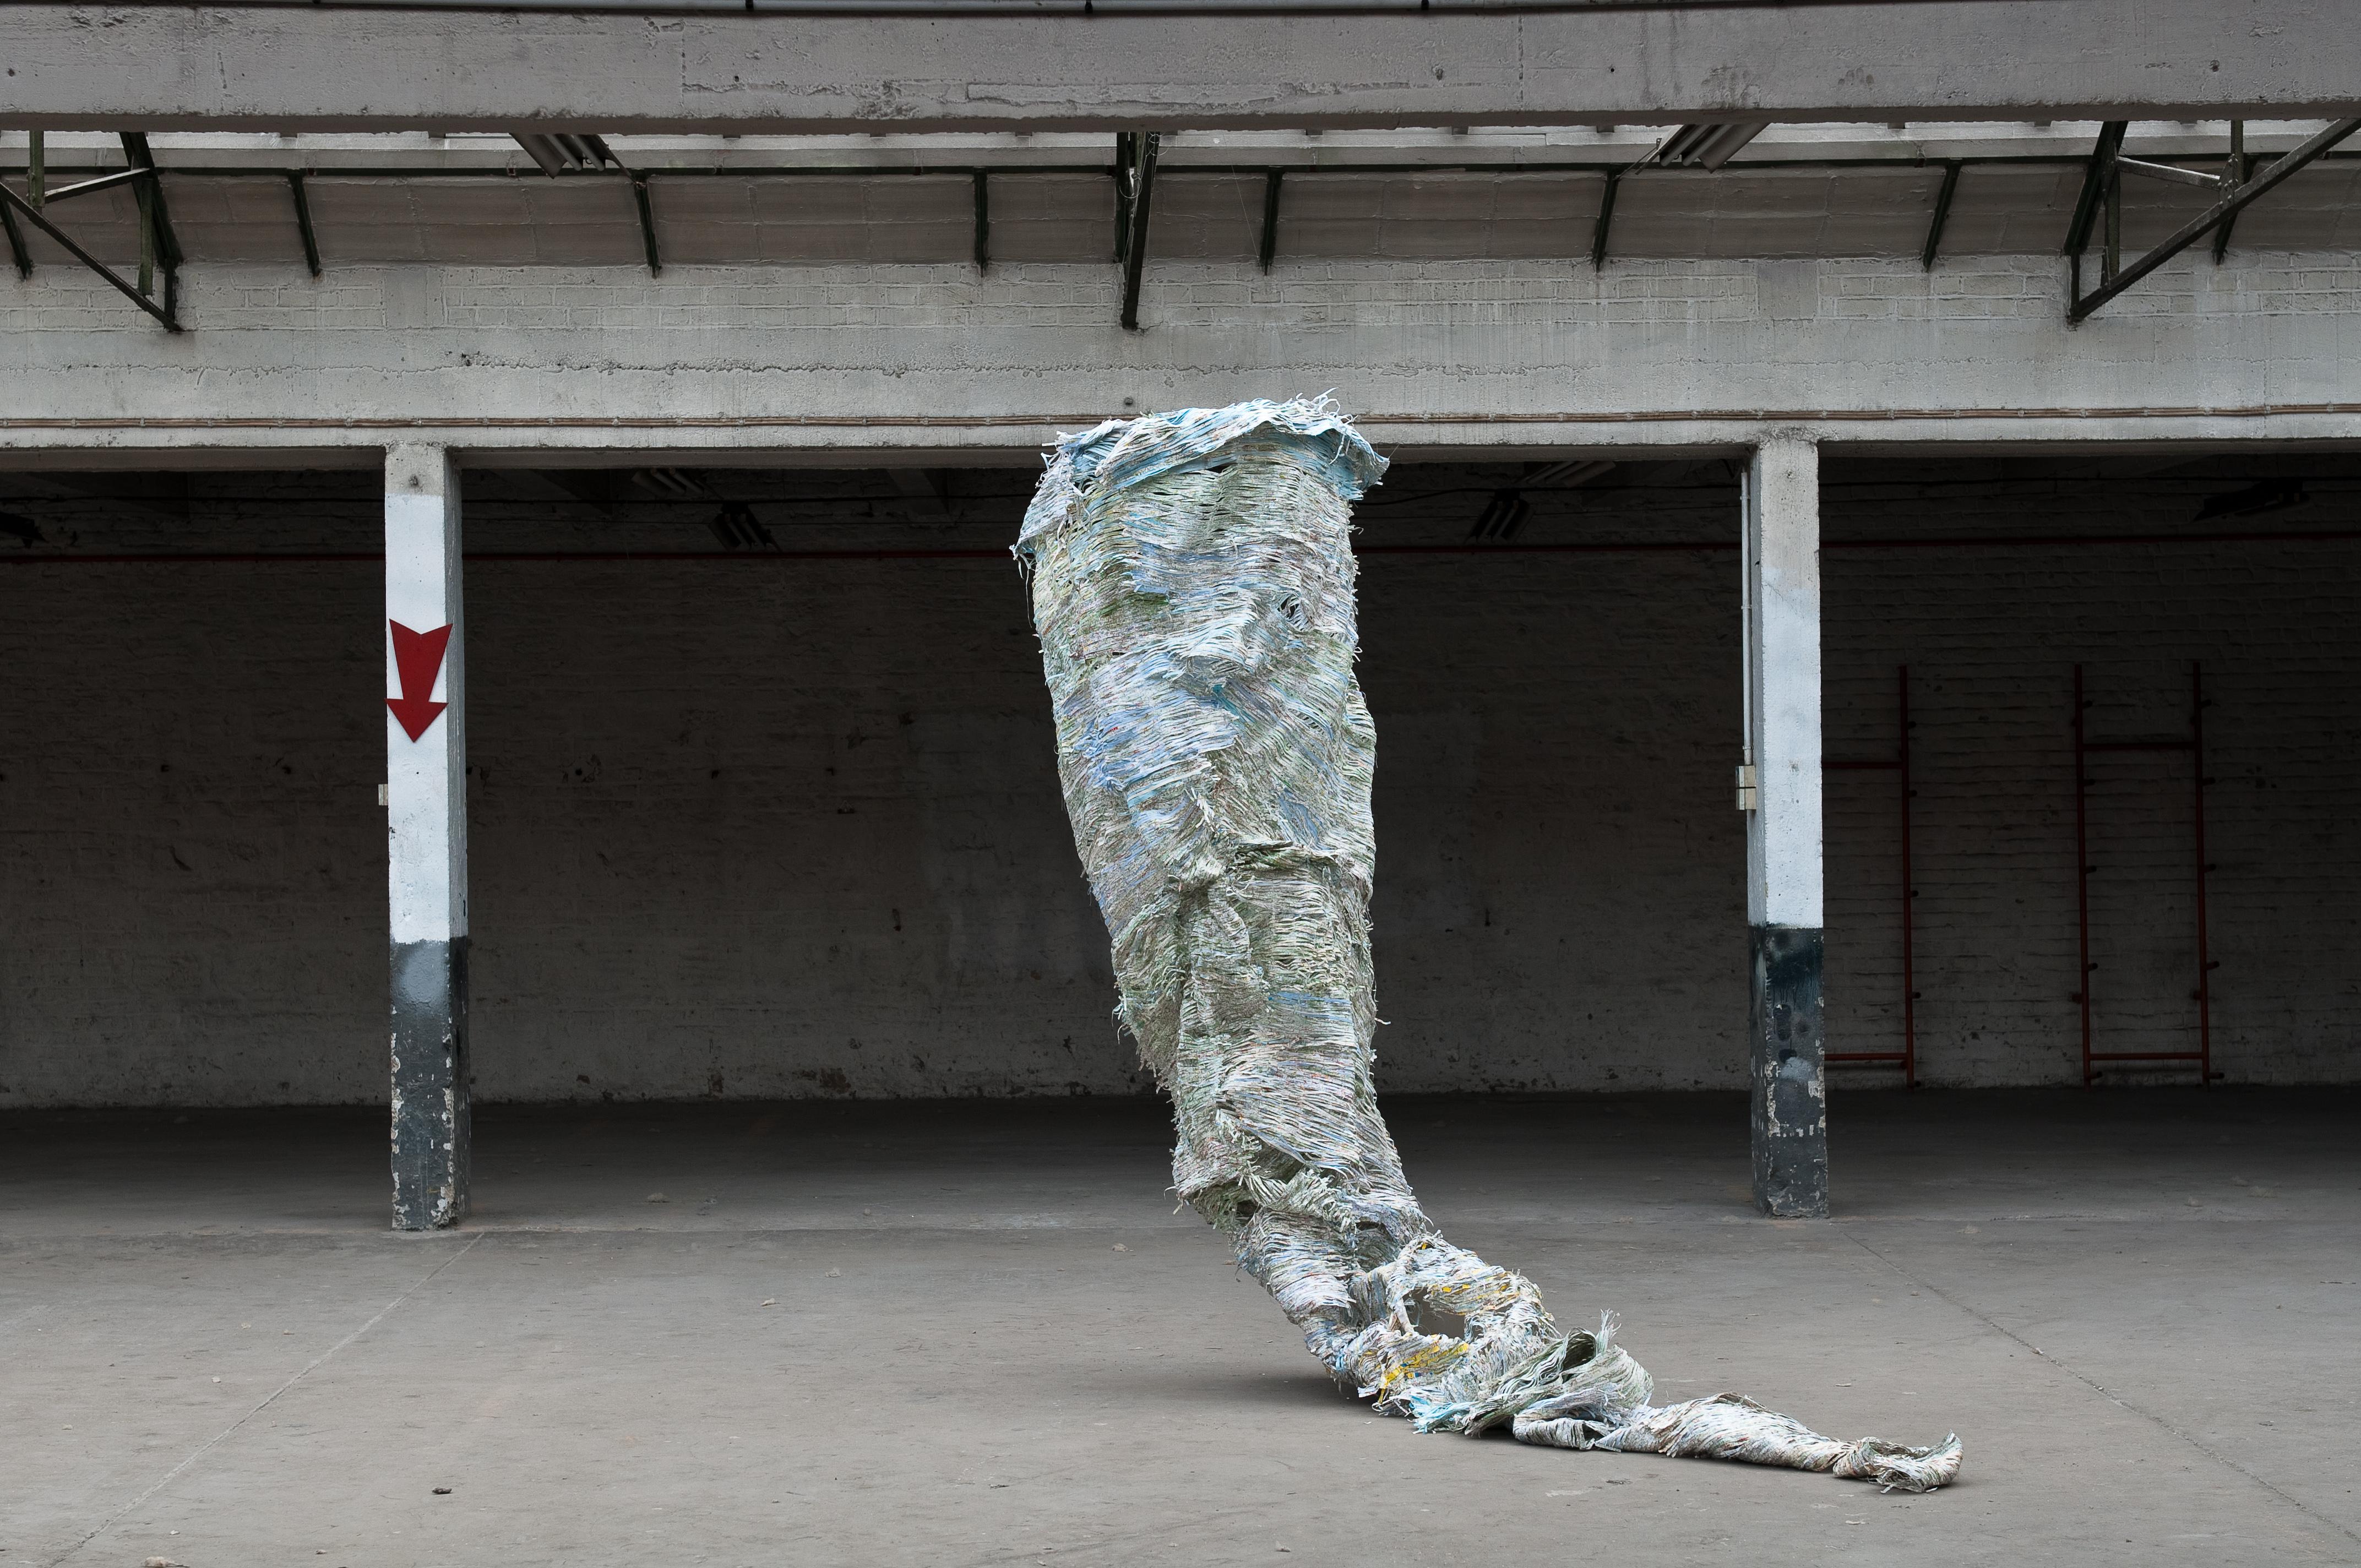 Papier, fil coton , fil nylon et tube de PVC /420 cm / 2006 Photographie Rémi Vimont